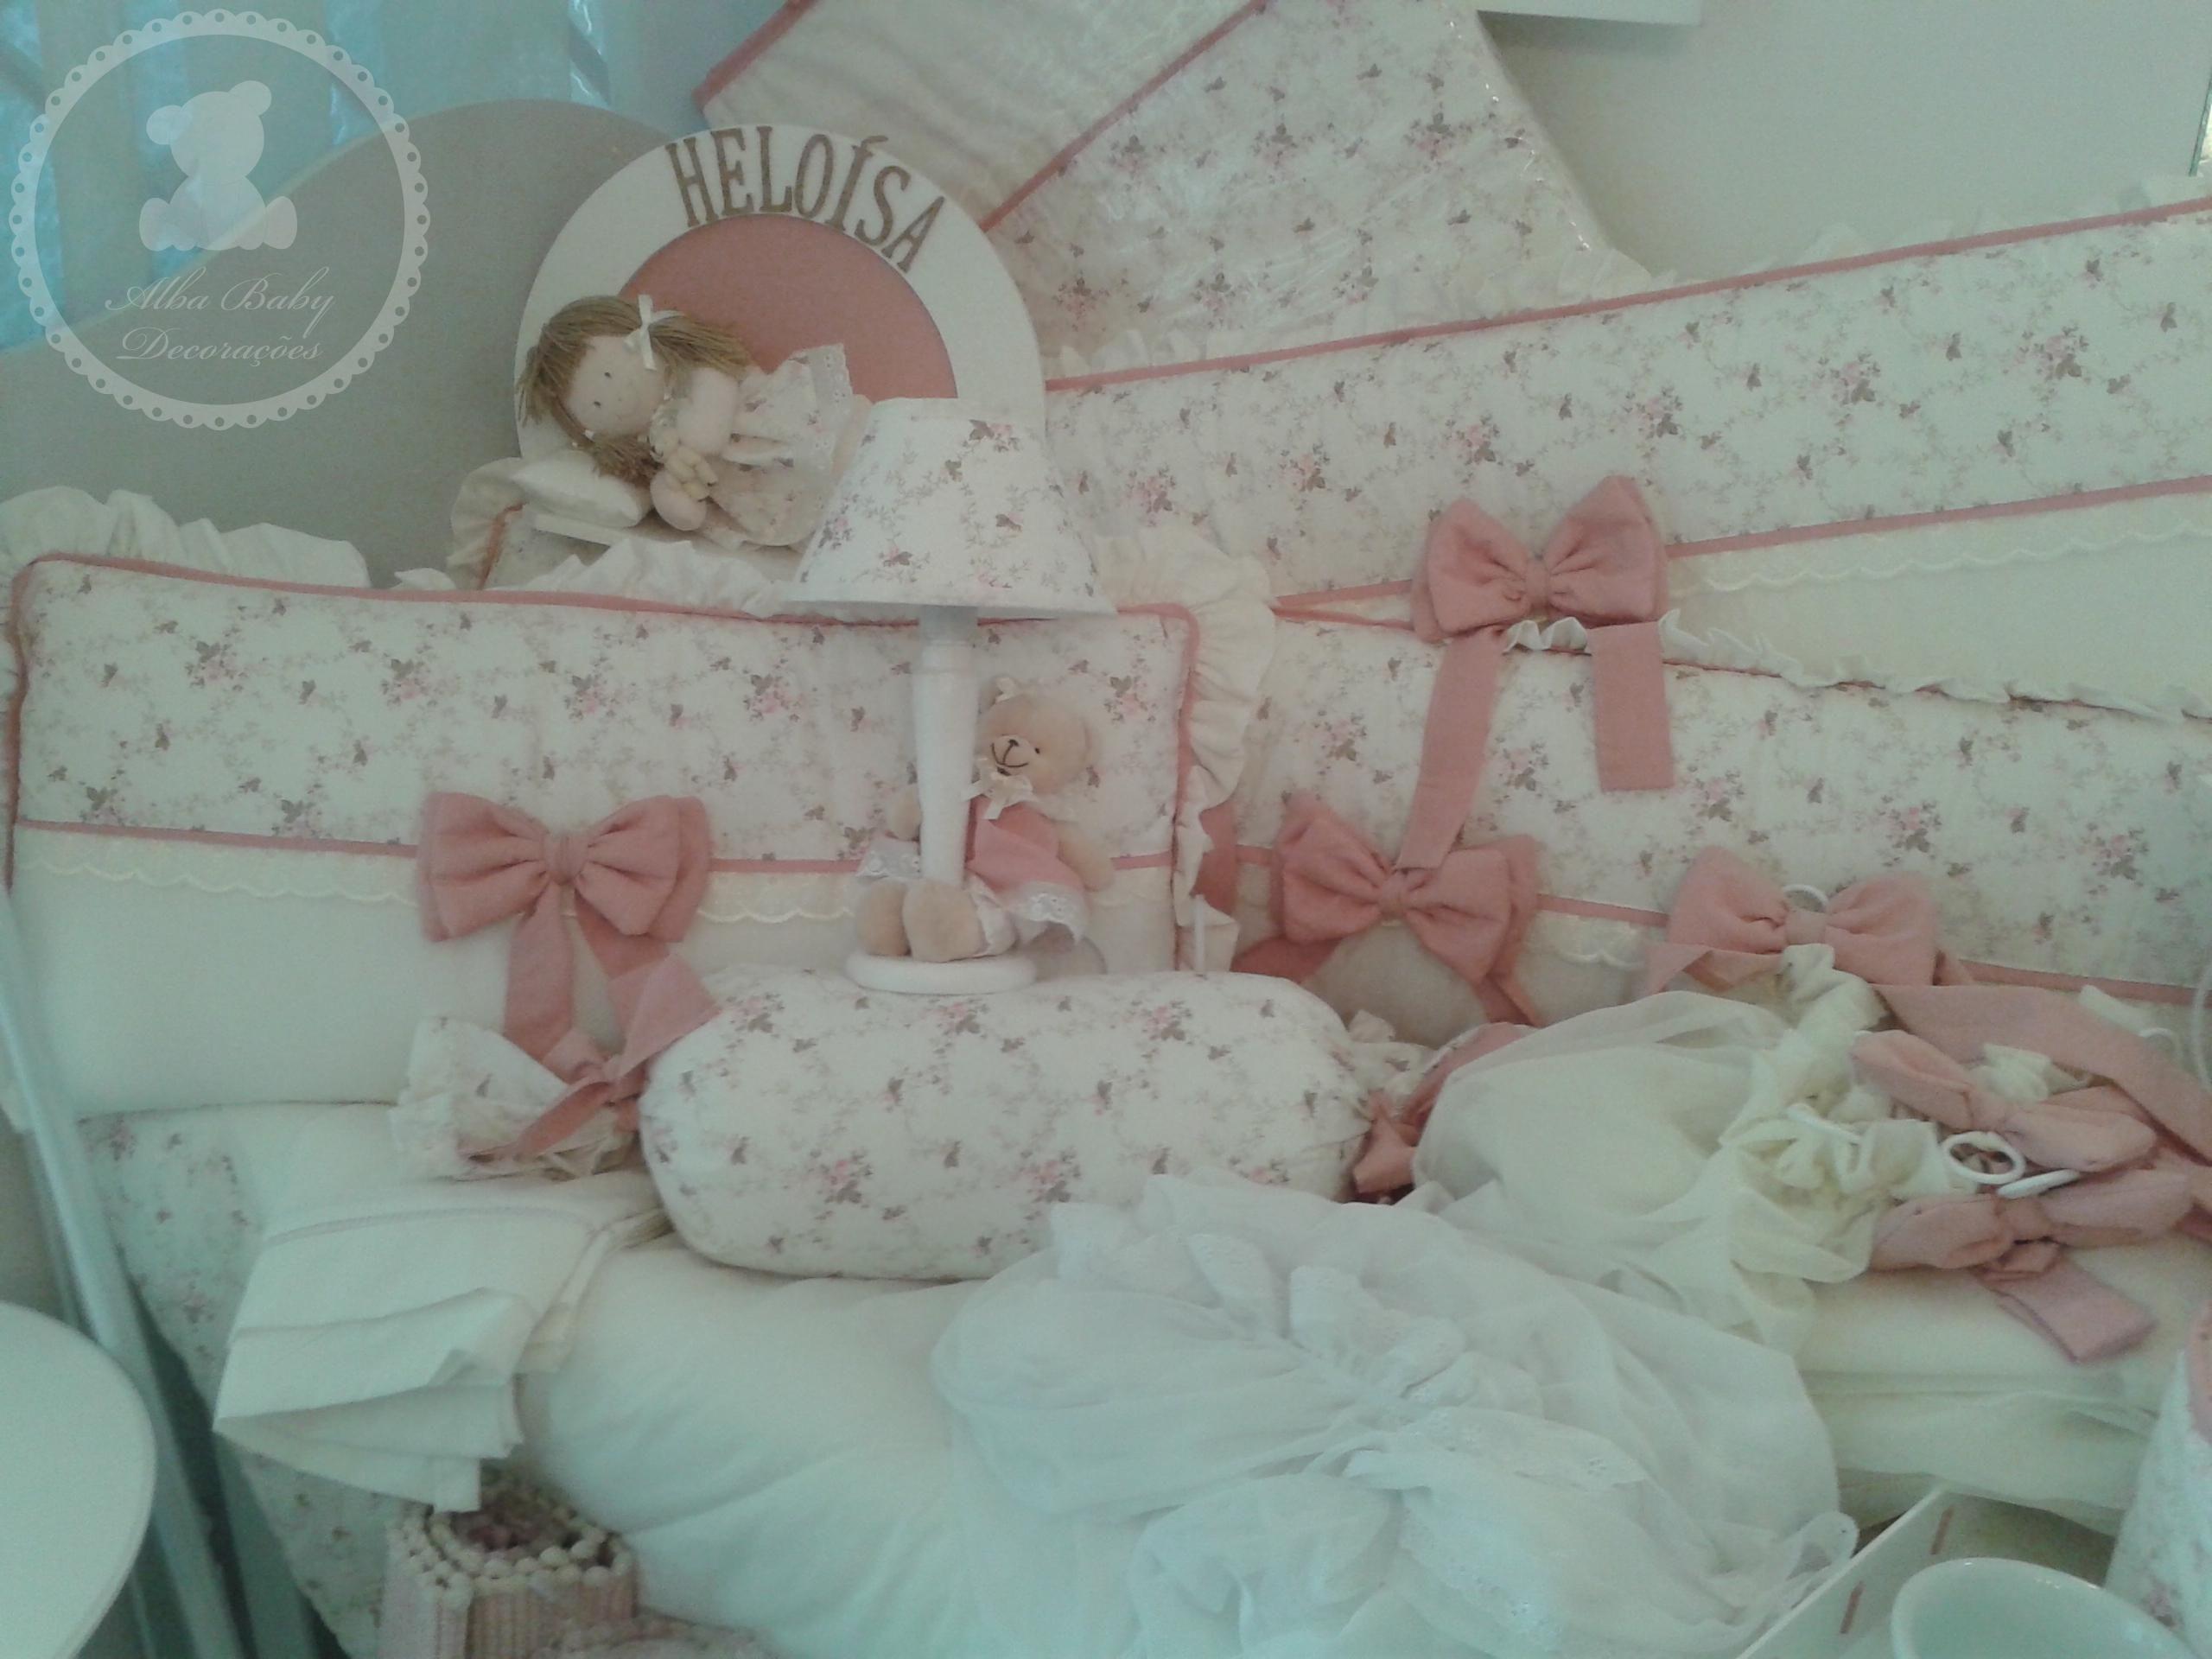 585f0d9c78 Kit Berço e acessórios Tema Boneca Floral Confecção  Alba Baby Decorações  (15)32027850